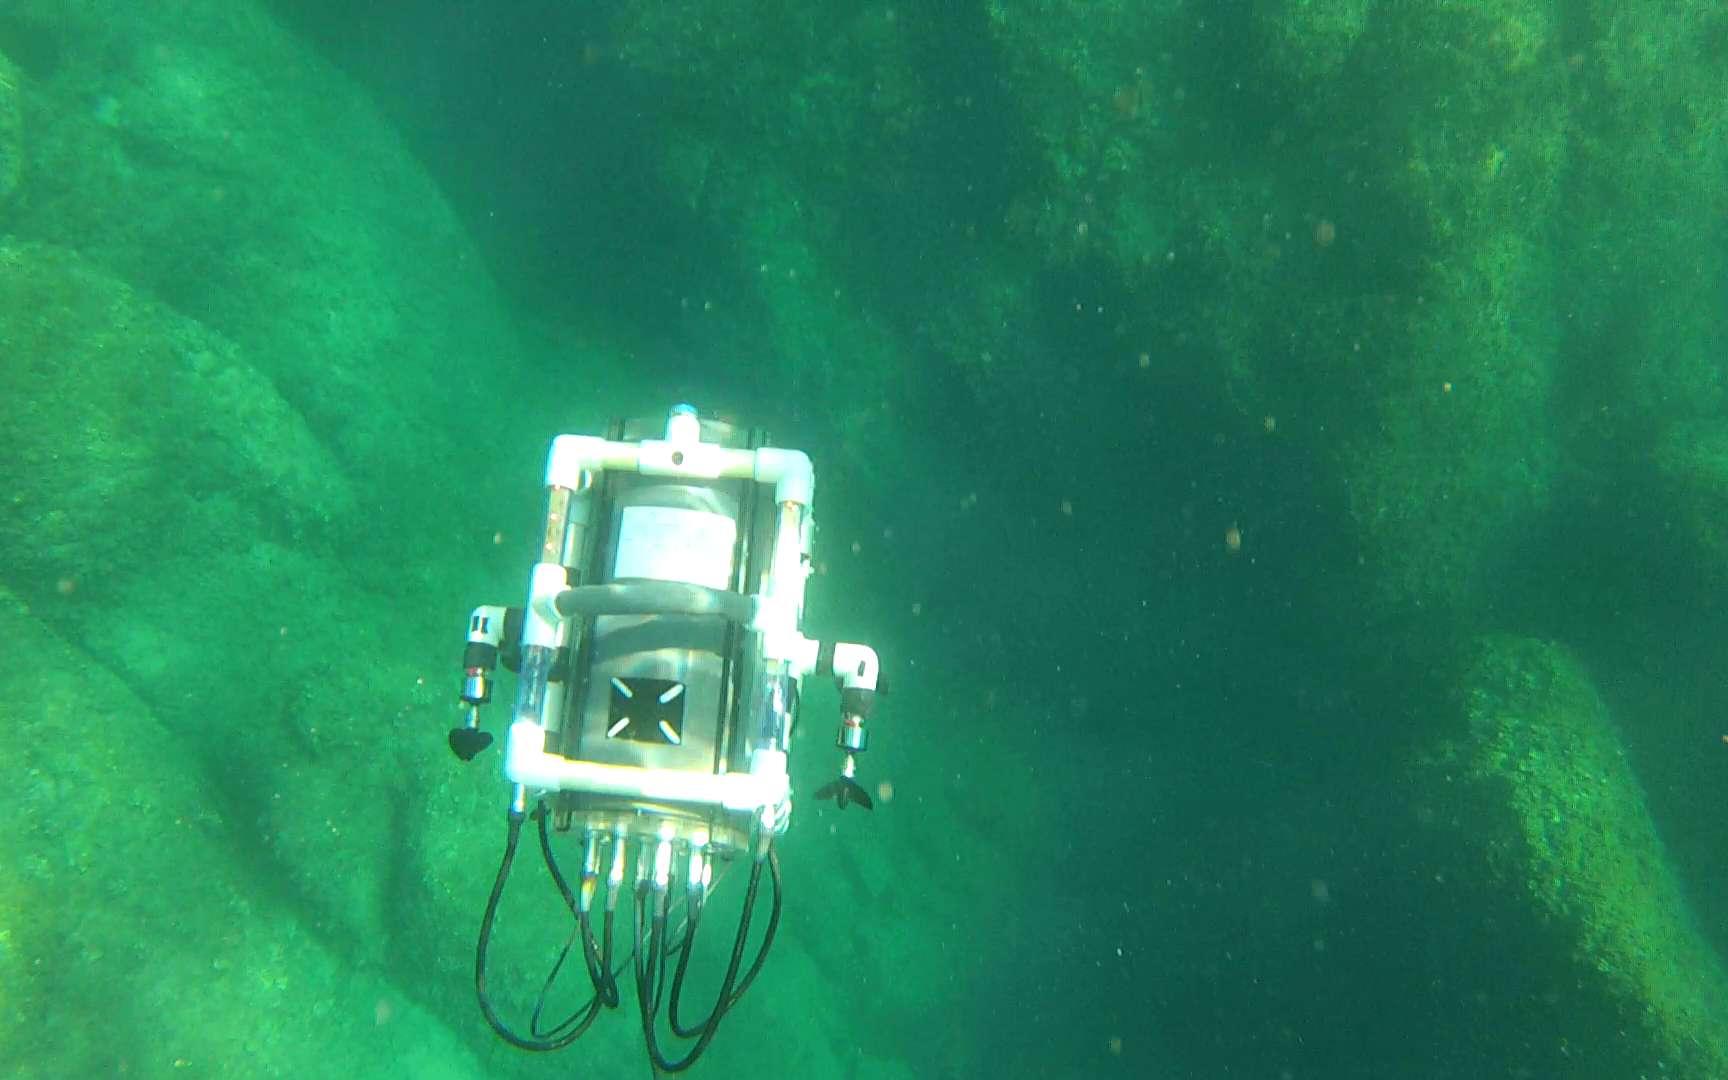 Pour la modélisation des reliefs sous-marins, l'école a réalisé ses propres algorithmes inspirés de l'aérien et adaptés au monde sous-marin. © EPITA